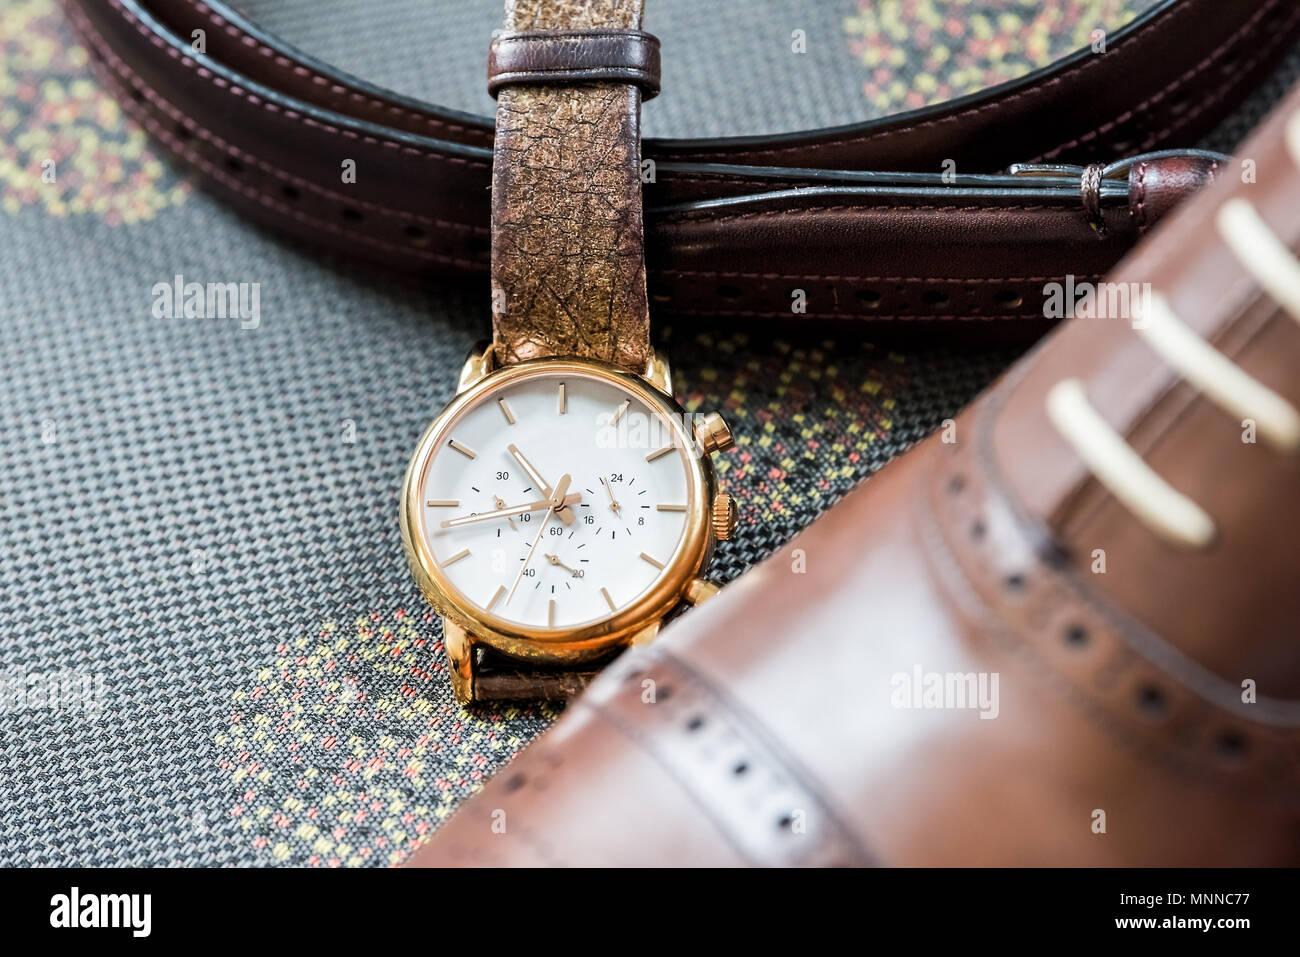 Herren Leder Neue Braune Schuhe Vintage Retro Luxus Gold